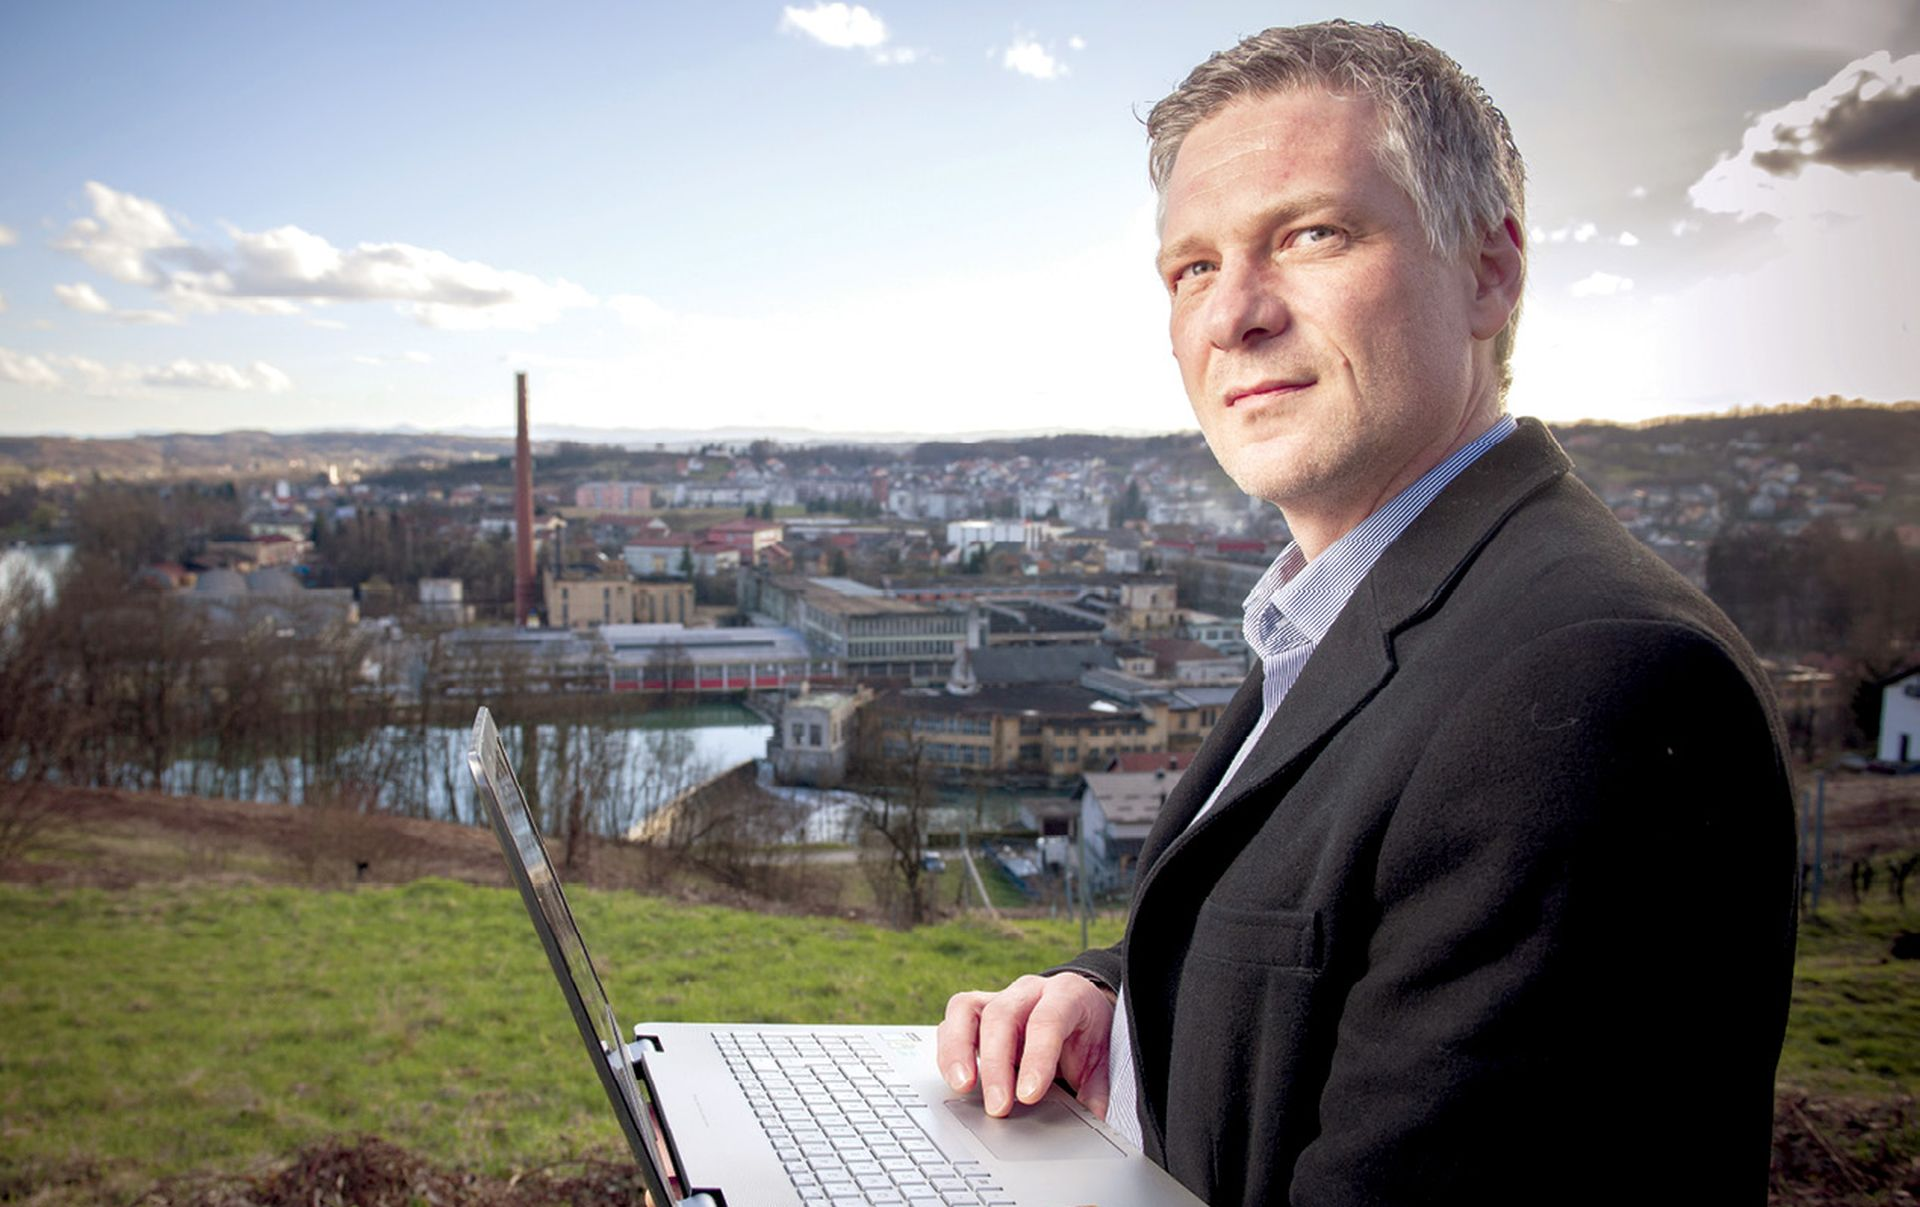 Duga Resa najbržim internetom u Europi privlači strane tvrtke